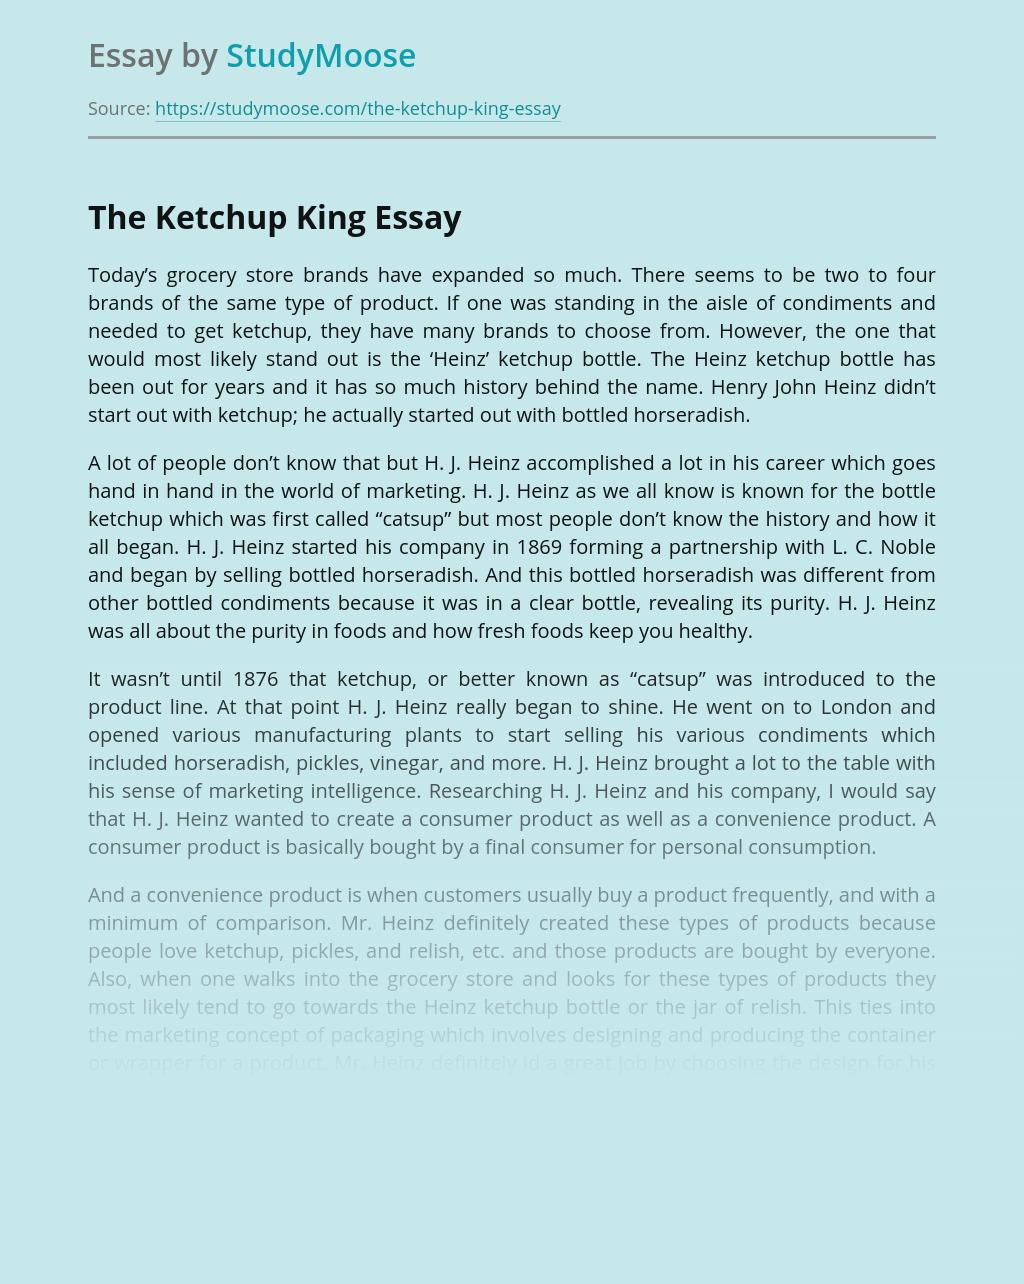 The Ketchup King